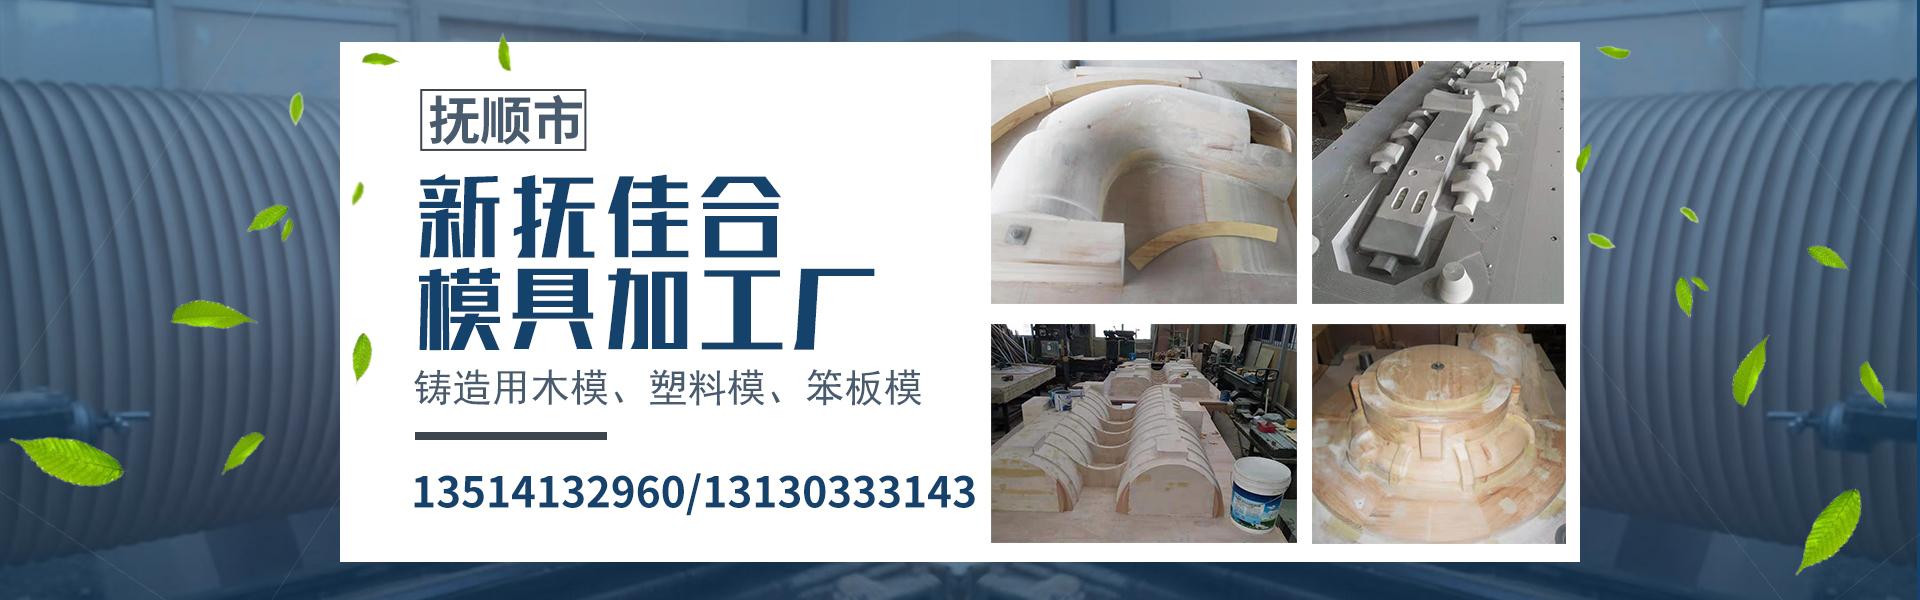 沈阳木型厂,沈阳木模,沈阳塑料模,沈阳铸造用木模,沈阳模具